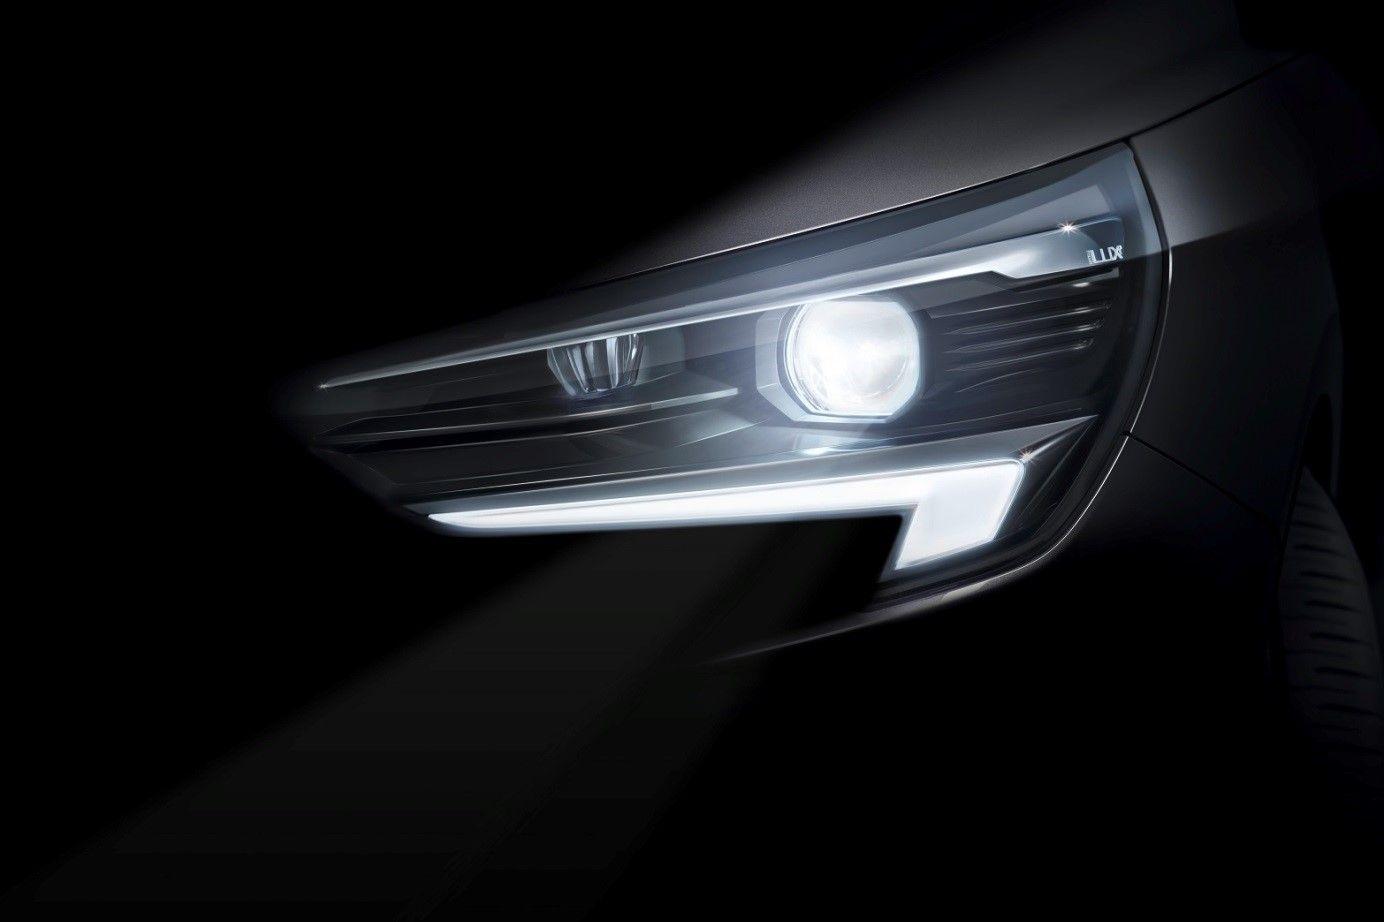 La sexta generación del Opel Corsa ofrece las mejores tecnologías